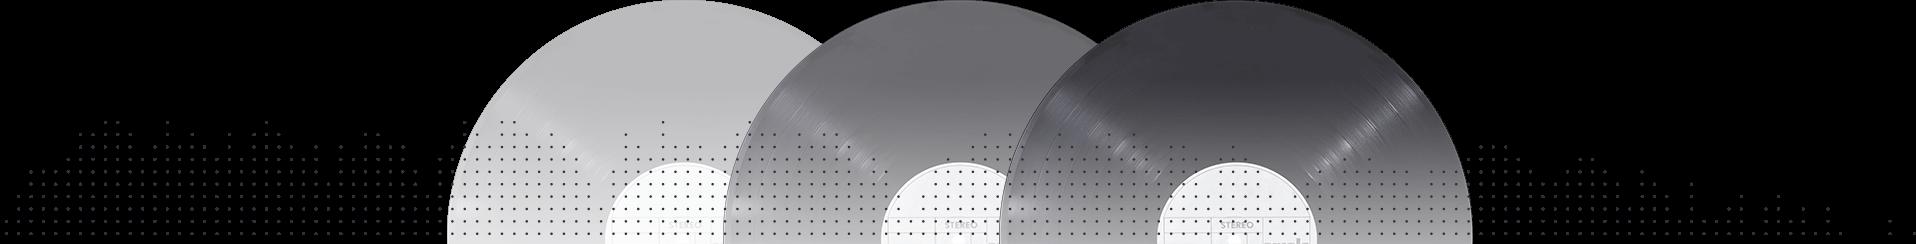 rec2-home-records